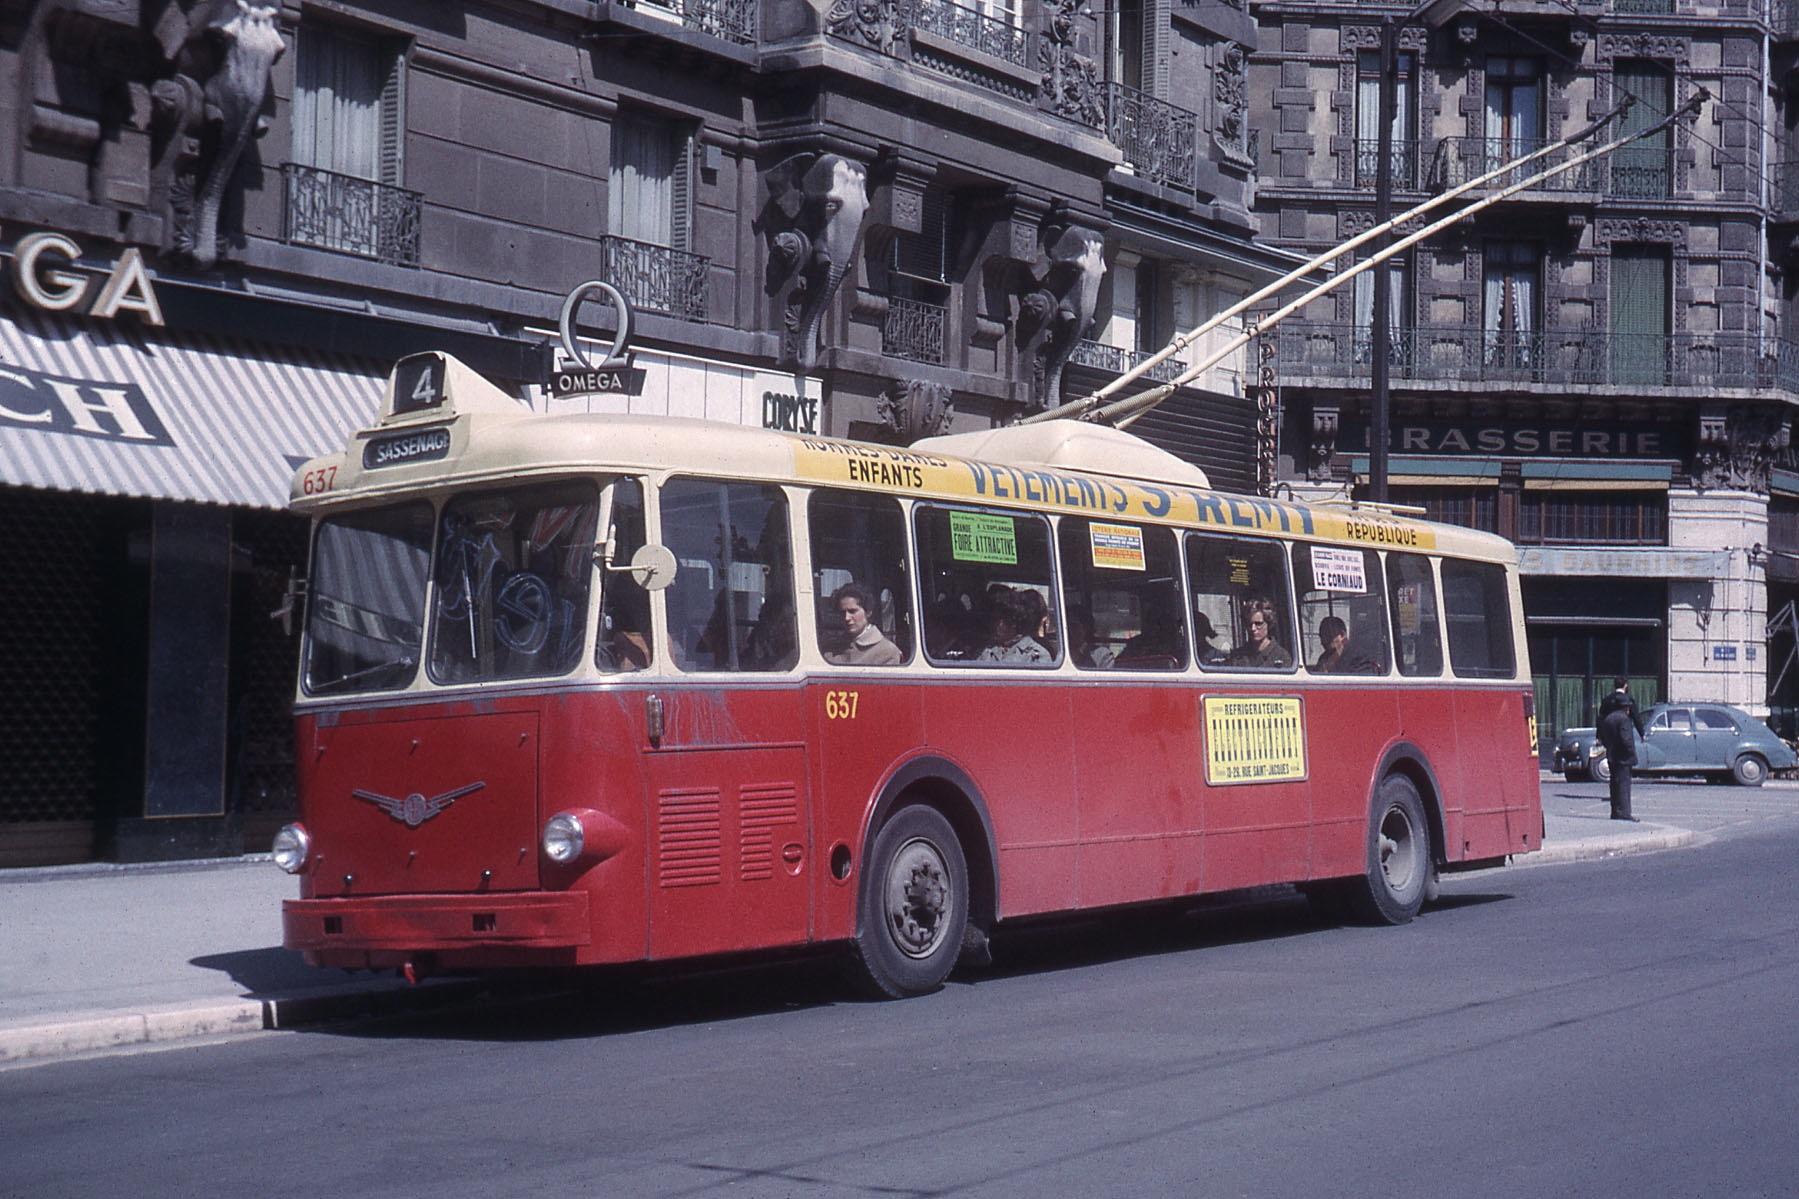 File:JHM-1965-Vetra VBF - Grenoble.jpg - Wikipedia